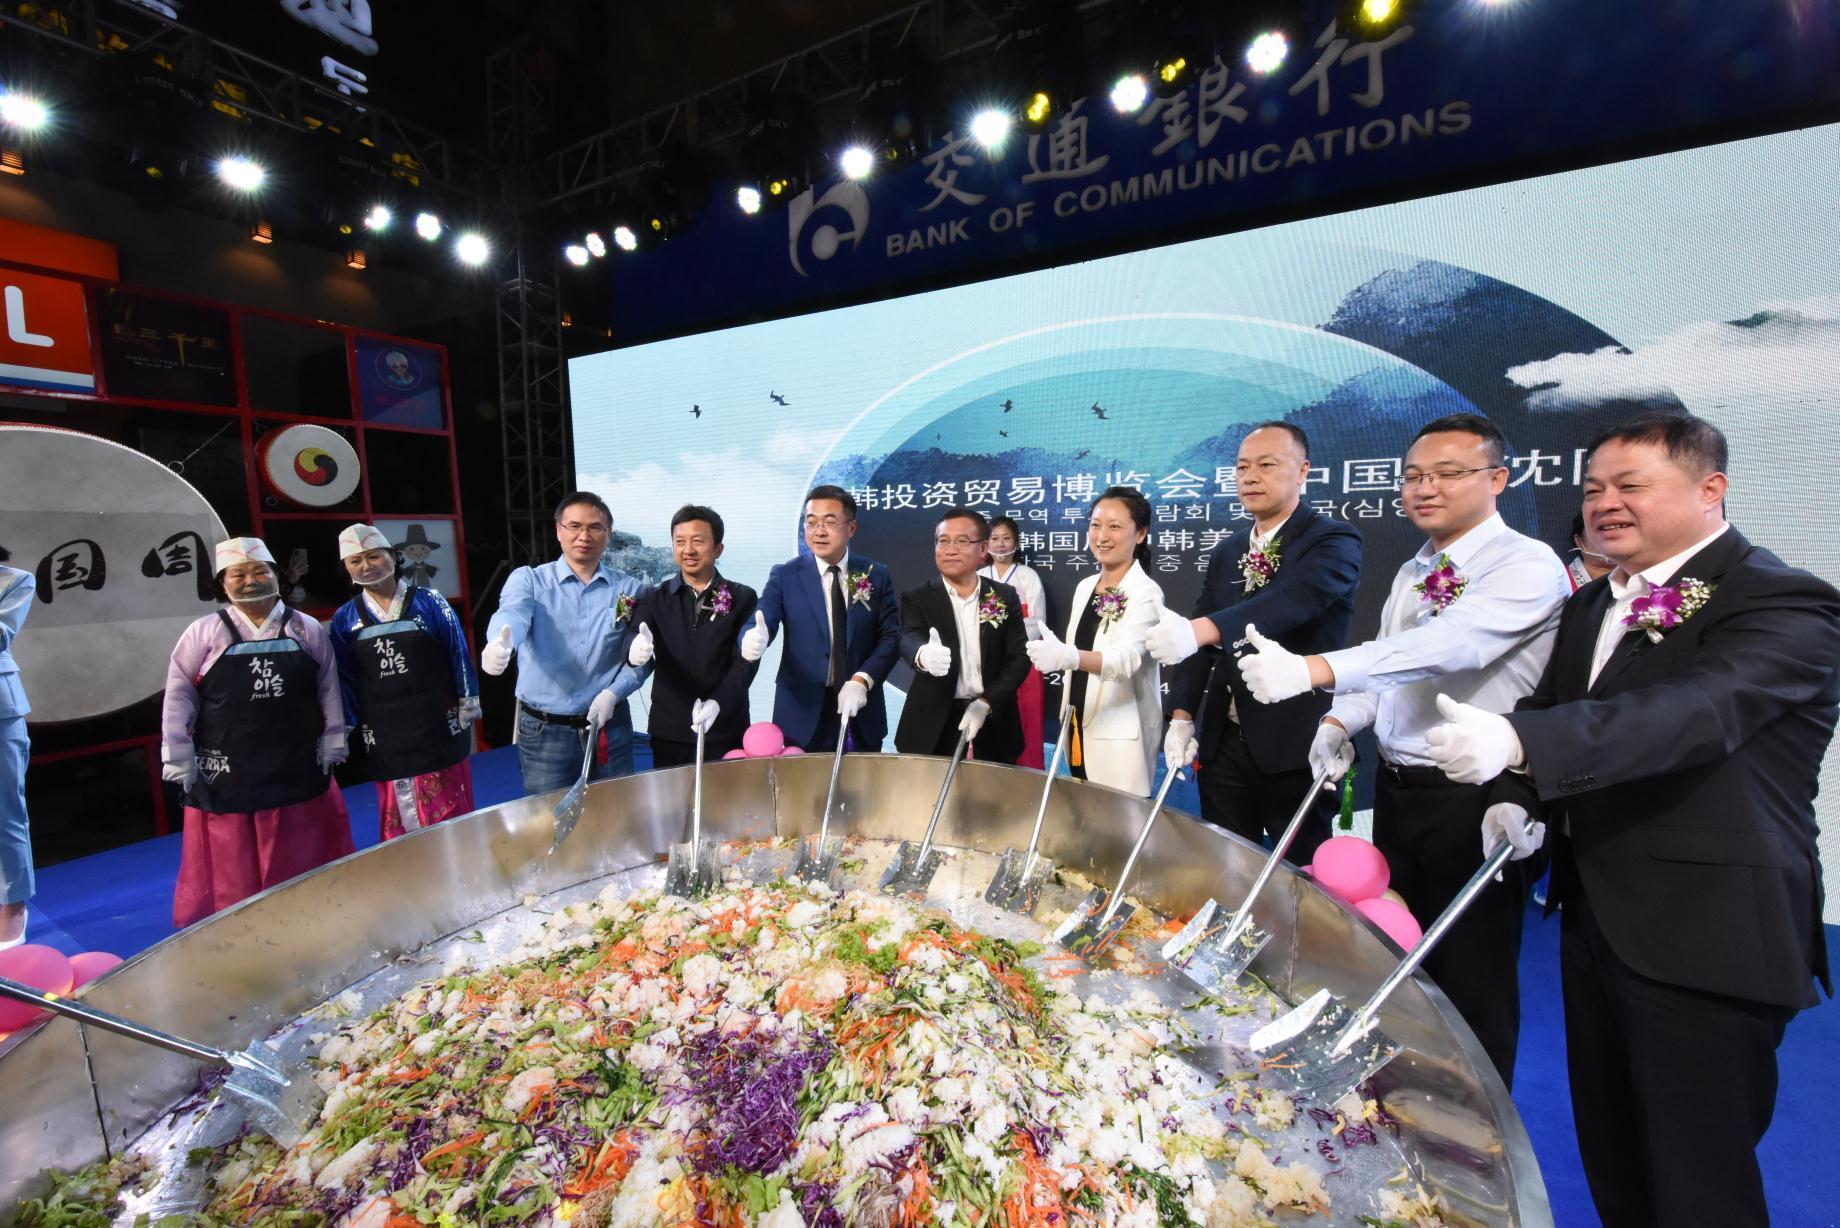 2021中韩投资贸易博览会暨中国(沈阳)韩国周中韩美食节启幕